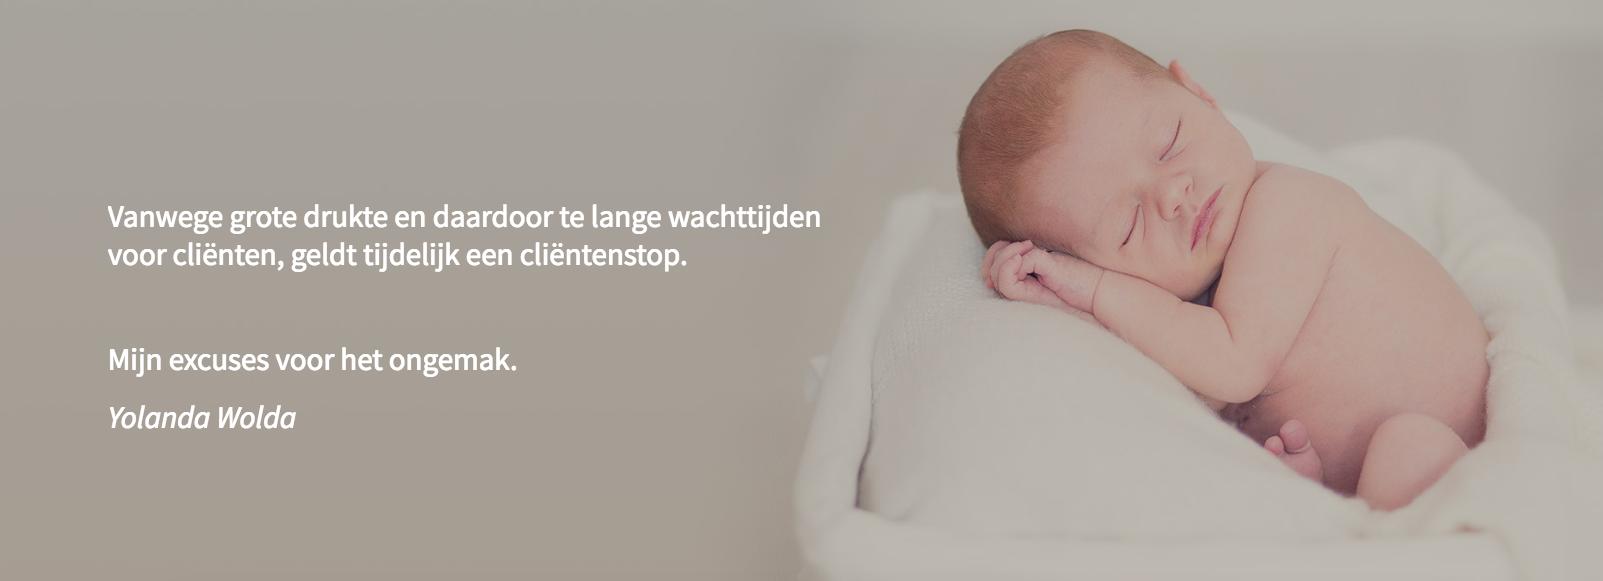 clientenstop-banner1